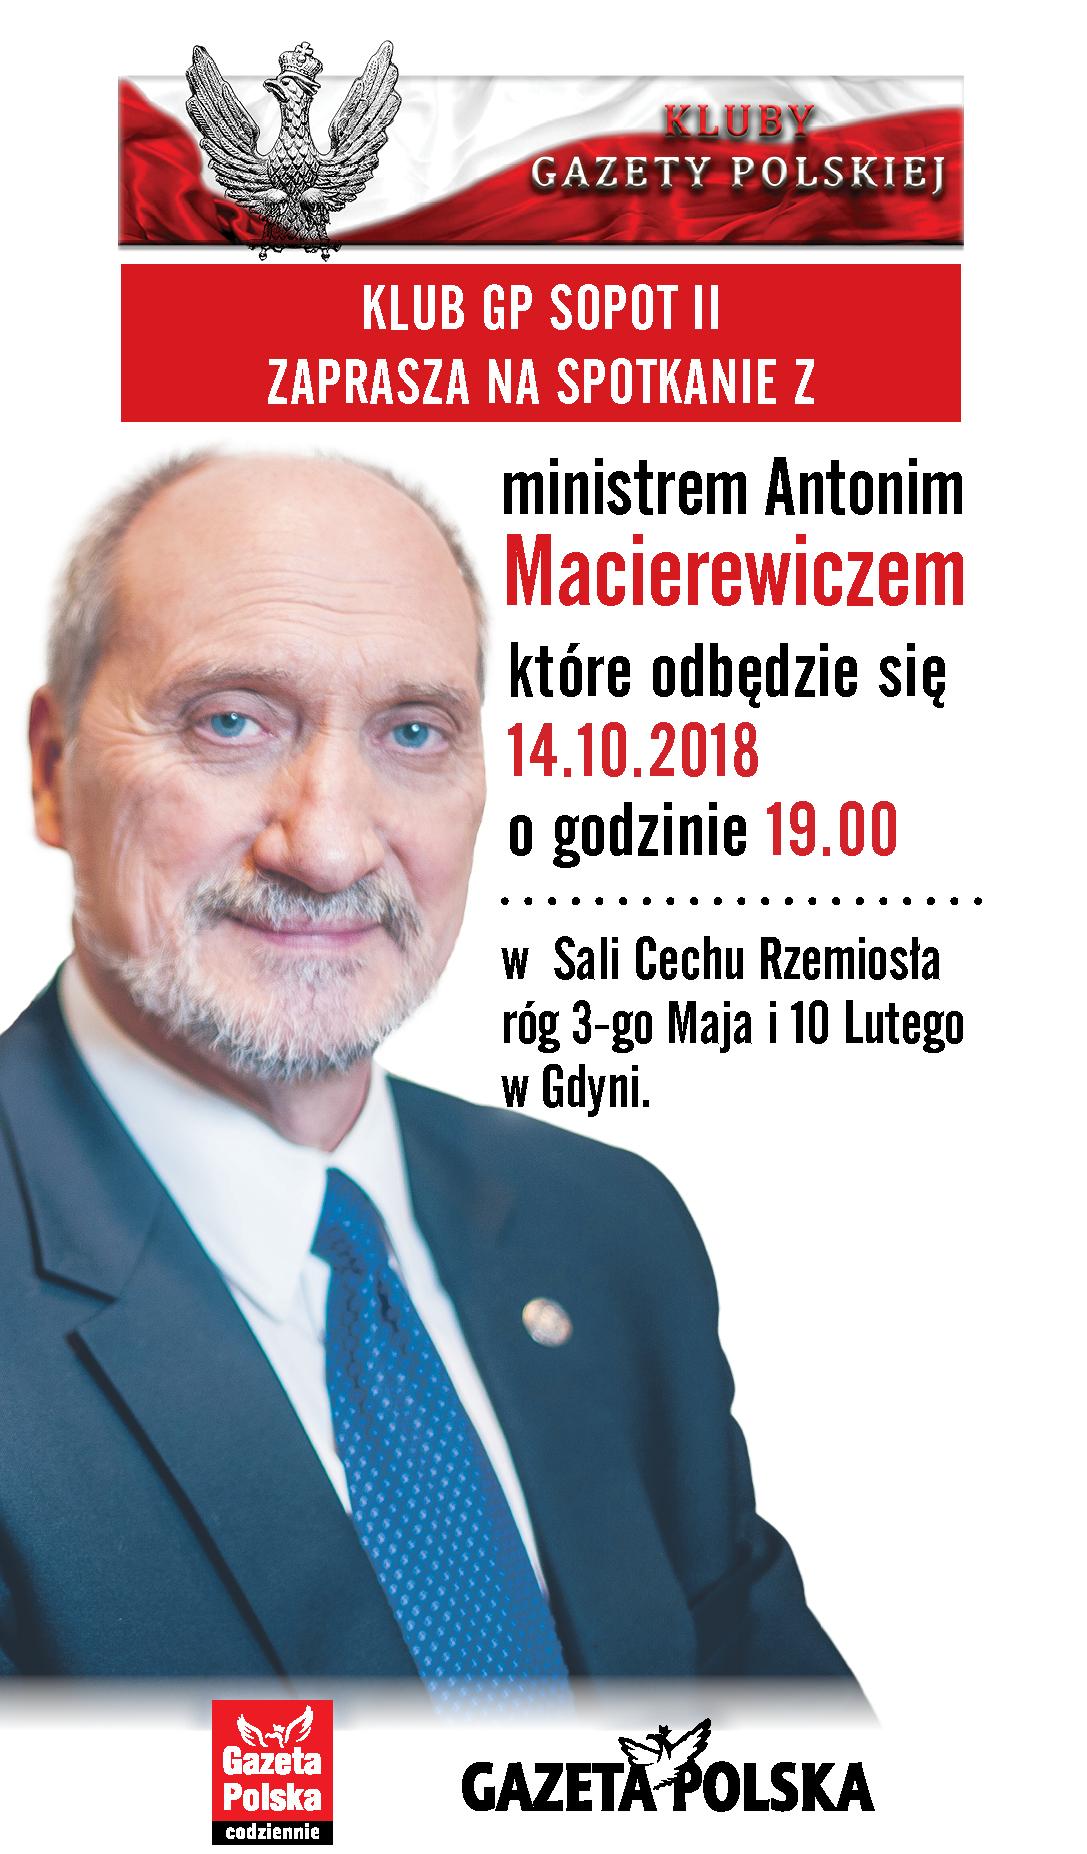 SopotII - maciarewicz